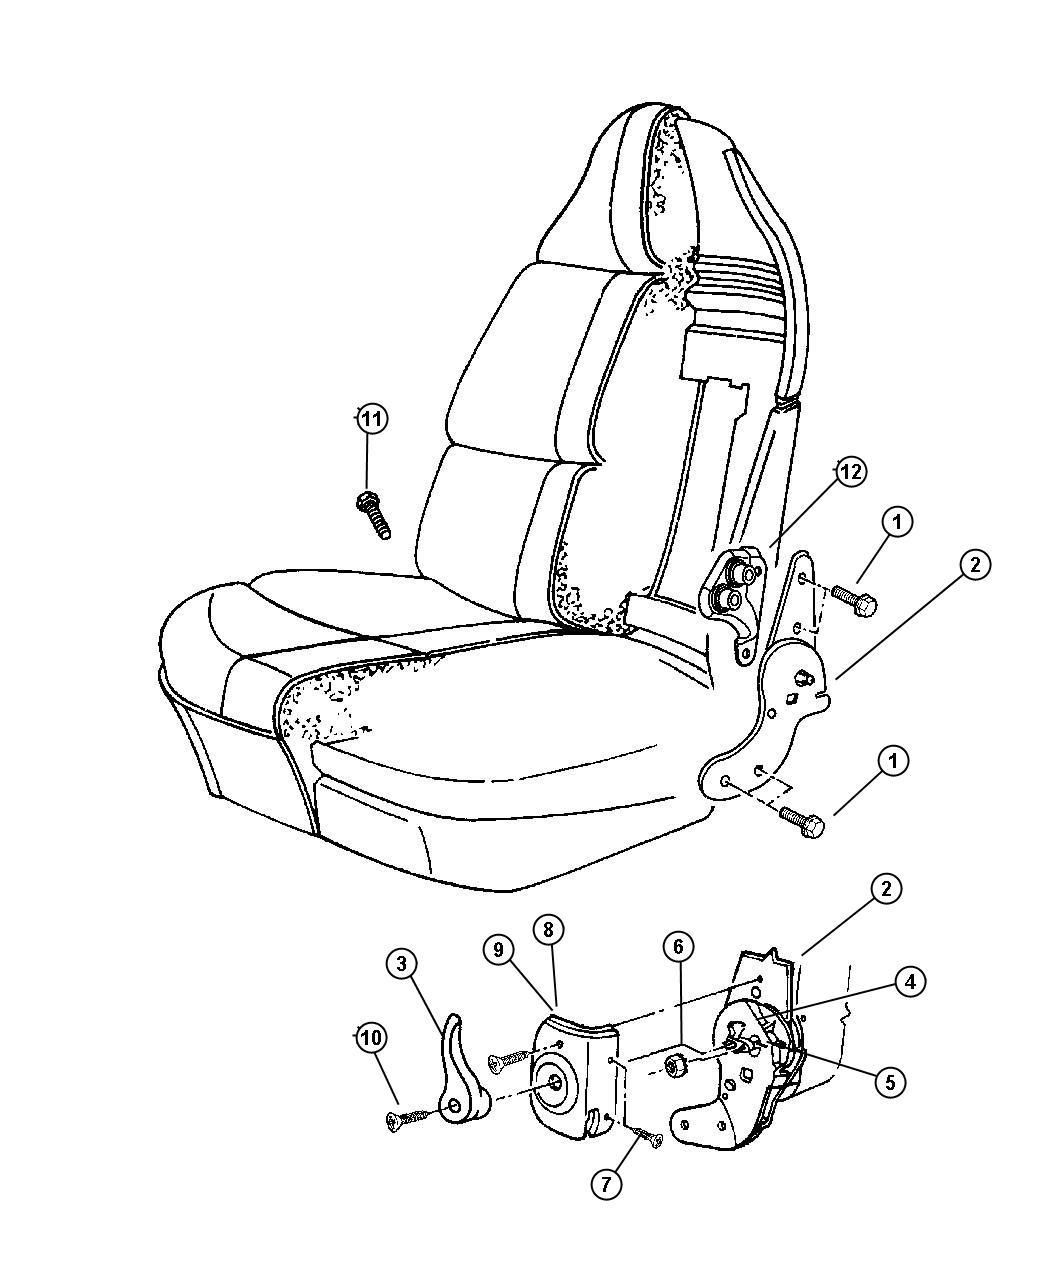 2007 Dodge Dakota Handle. Recliner, seat recliner. Left